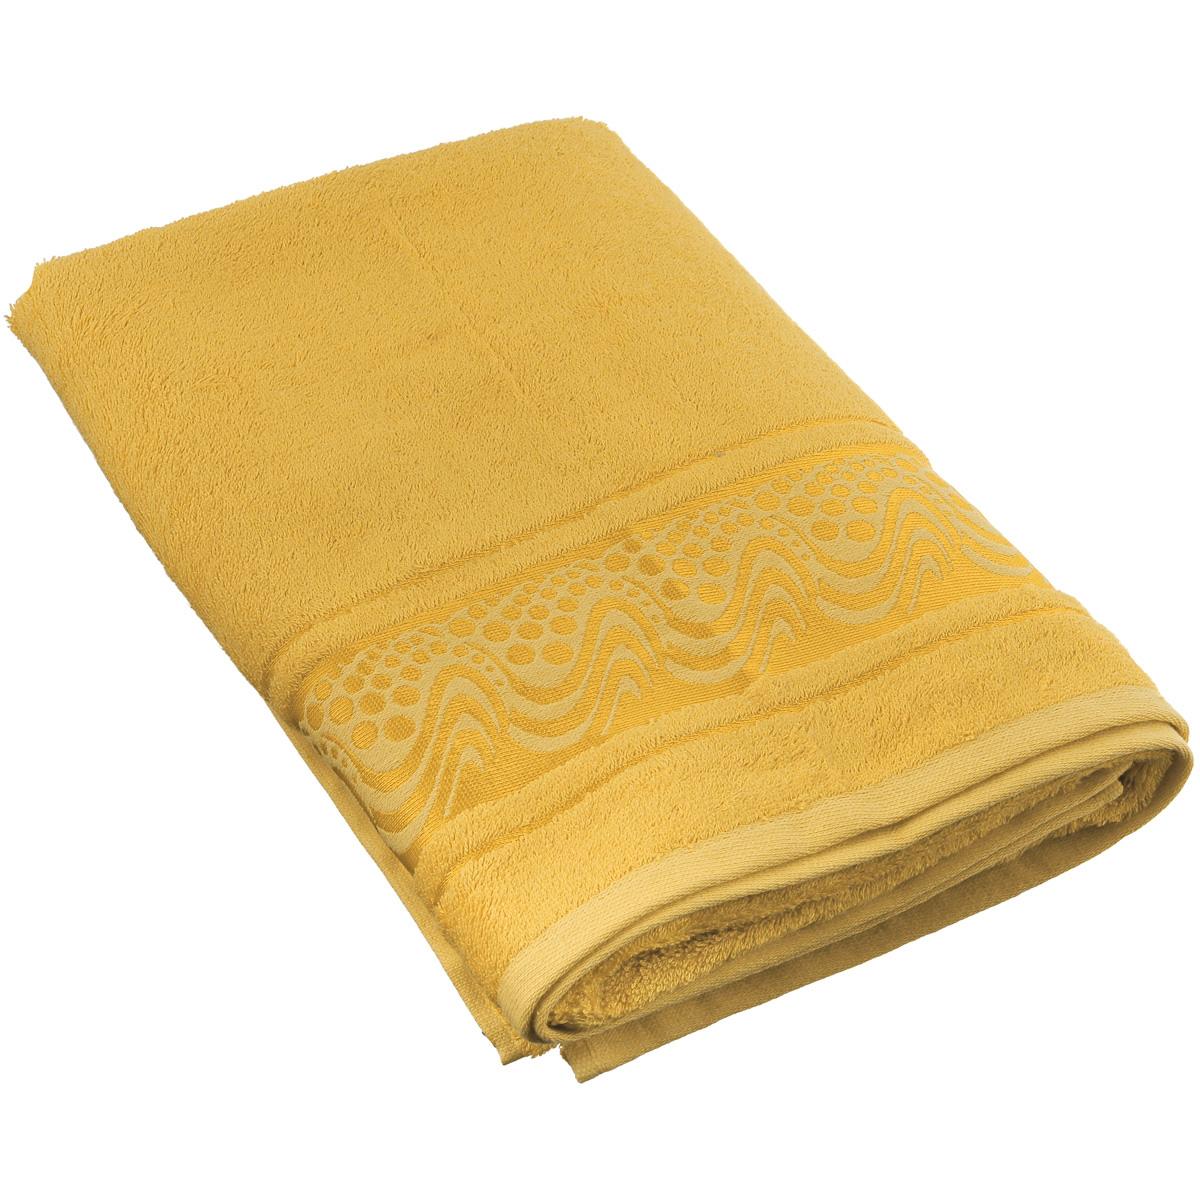 Полотенце Mariposa Aqua, цвет: золотистый, 50 х 90 см68/5/4Полотенце Mariposa Aqua, изготовленное из 60% бамбука и 40% хлопка, подарит массу положительных эмоций и приятных ощущений.Полотенца из бамбука только издали похожи на обычные. На самом деле, при первом же прикосновении вы ощутите невероятную мягкость и шелковистость. Таким полотенцем не нужно вытираться - только коснитесь кожи - и ткань сама все впитает! Несмотря на богатую плотность и высокую петлю полотенца, оно быстро сохнет, остается легким даже при намокании.Полотенце оформлено волнистым рисунком. Благородный тон создает уют и подчеркивает лучшие качества махровой ткани. Полотенце Mariposa Aqua станет достойным выбором для вас и приятным подарком для ваших близких.Размер полотенца: 50 см х 90 см.